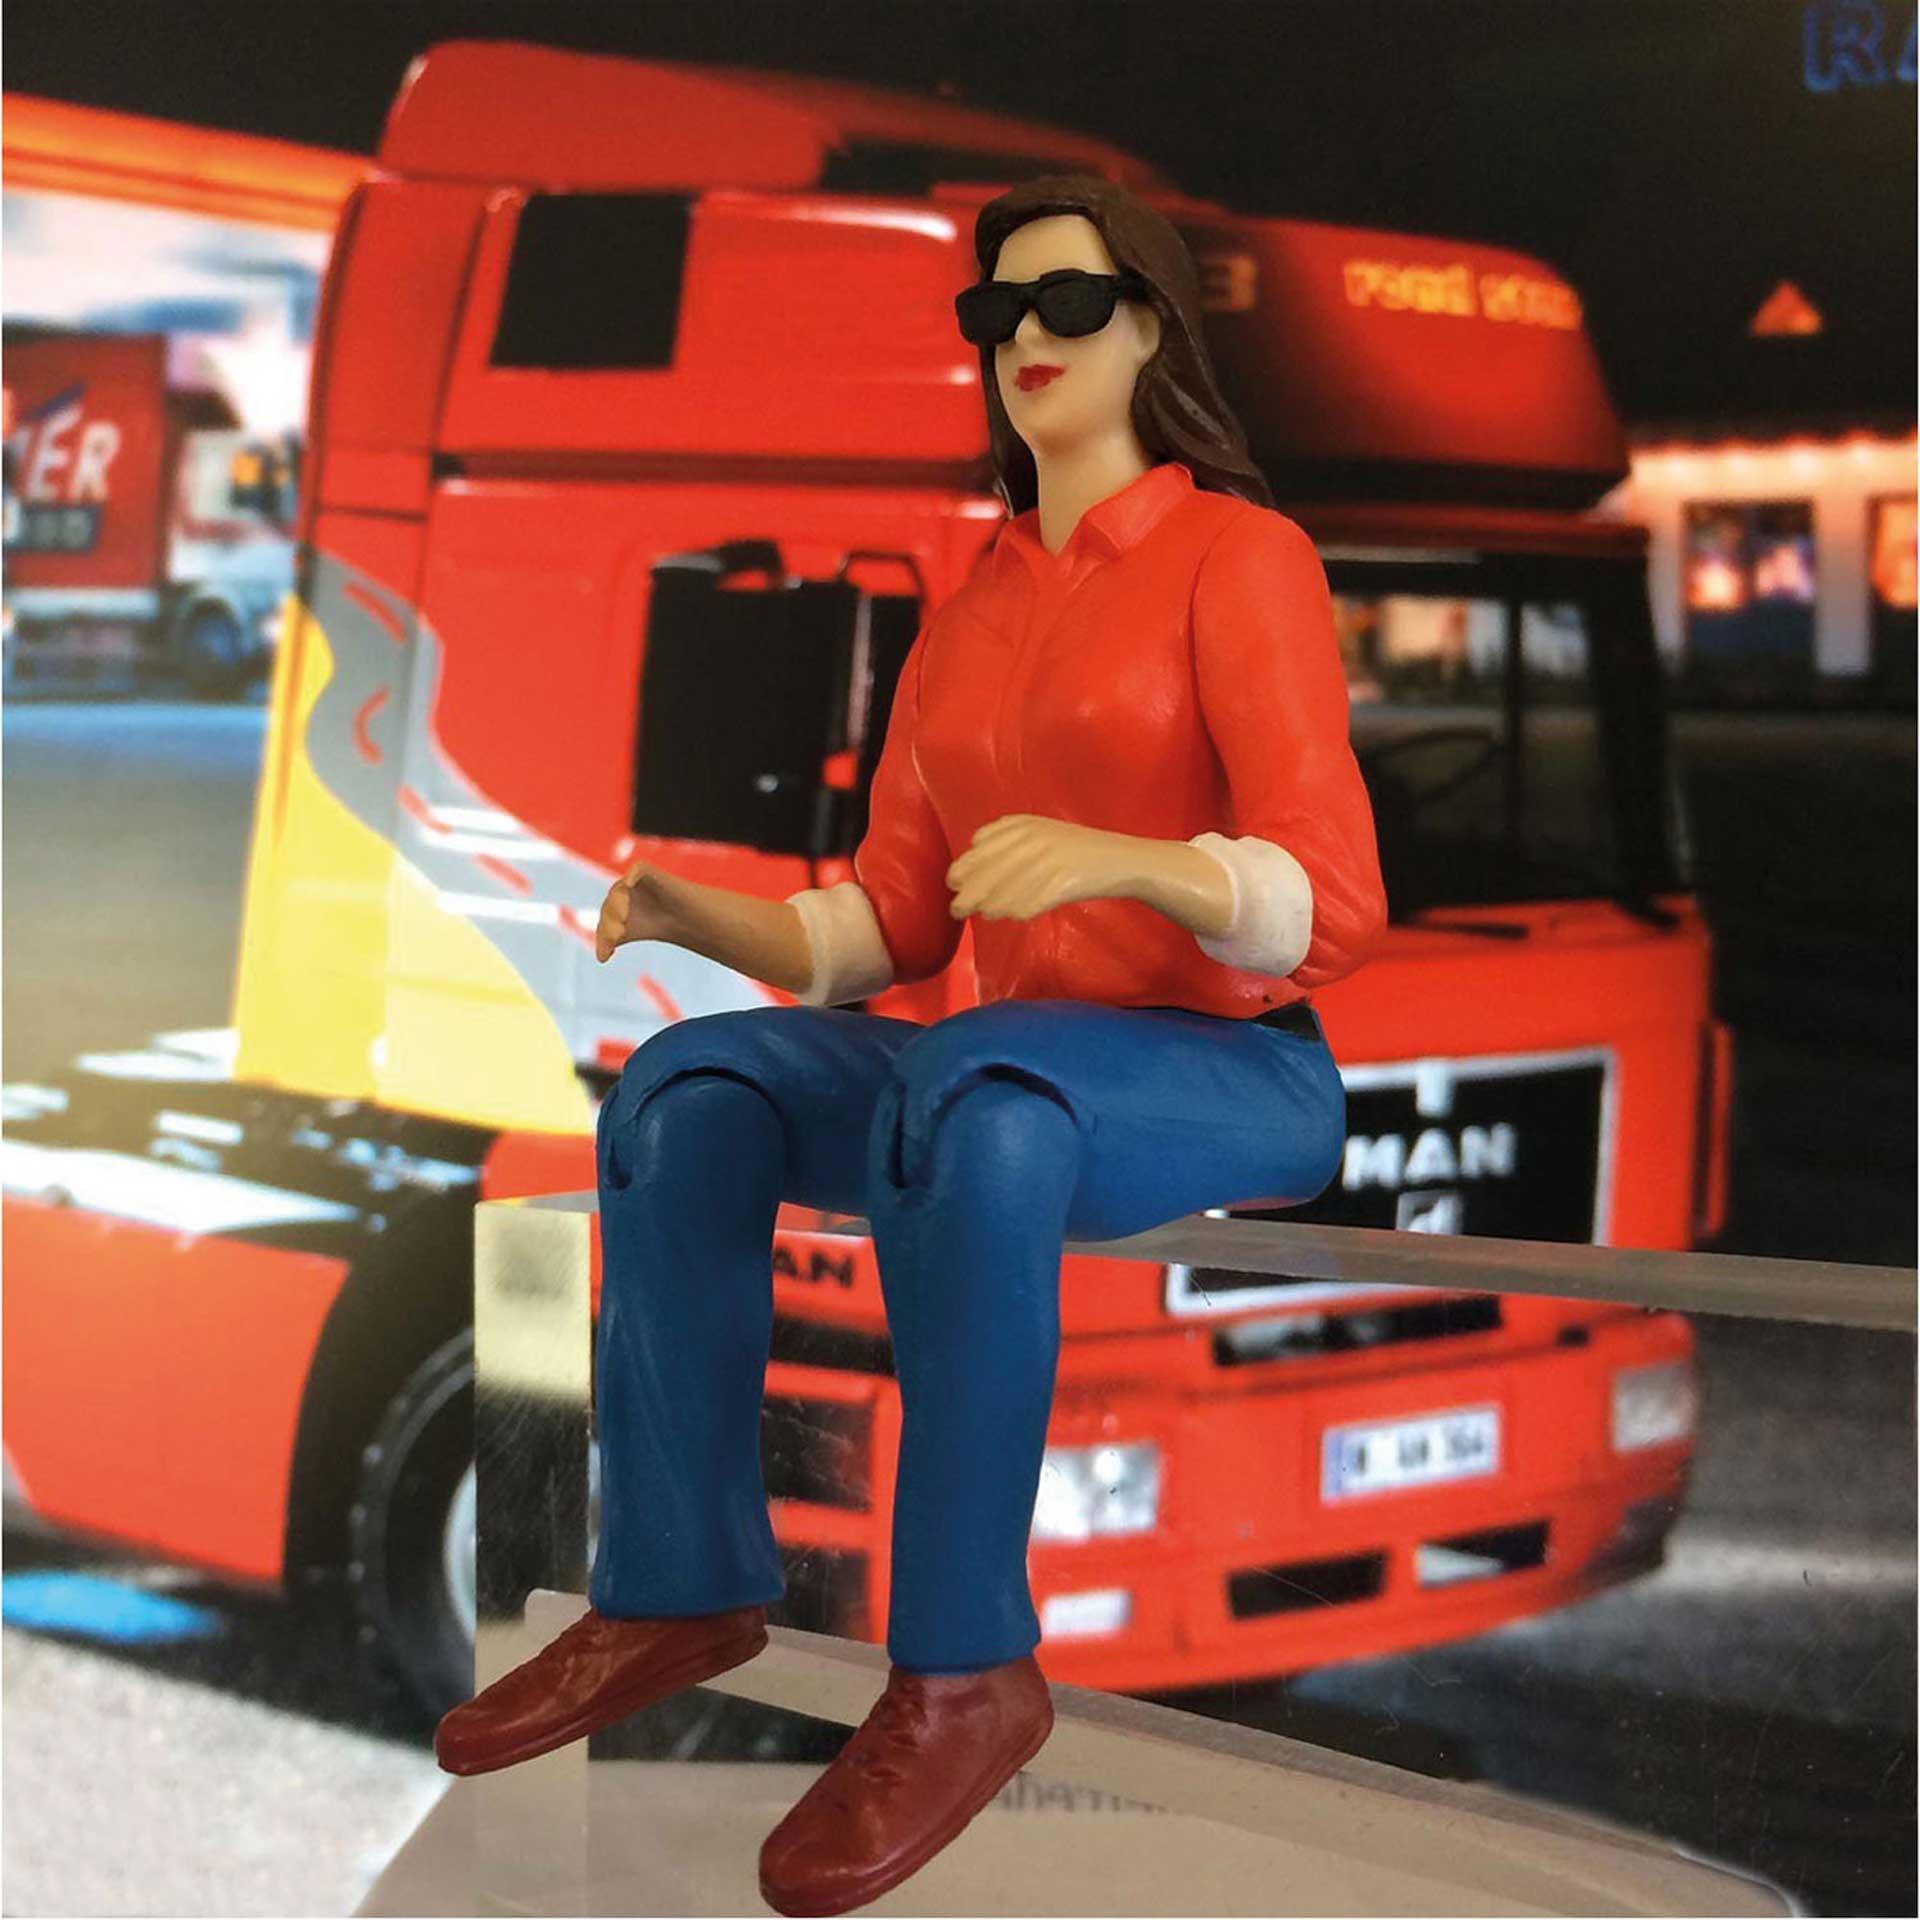 ROBBE Truck-Figur weiblich mit SONNENBRILLE